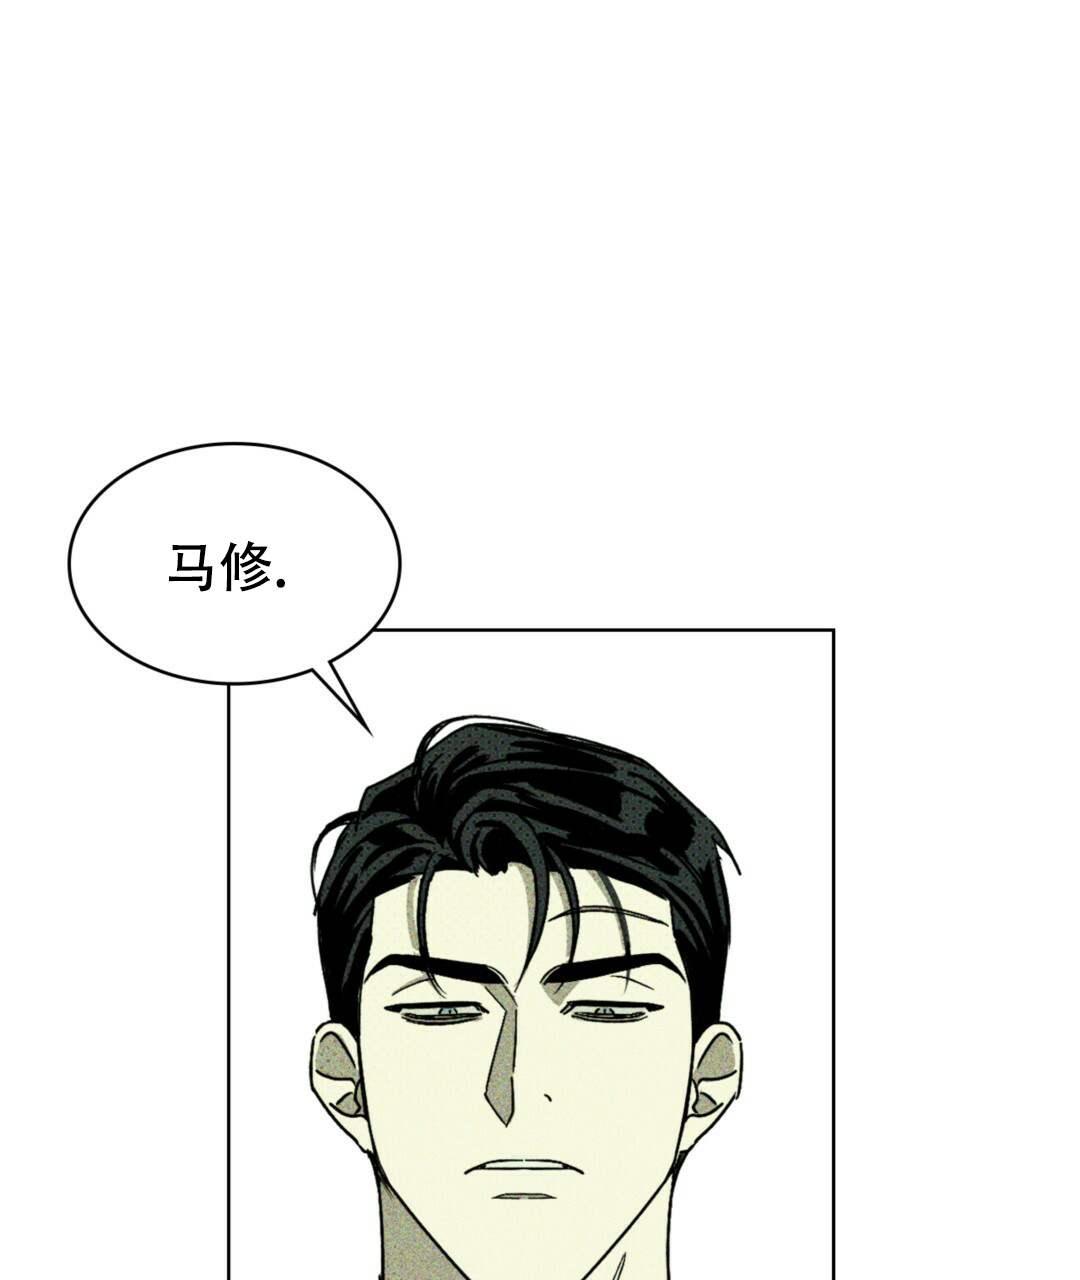 韩漫  《绿色镌像》这男人竟该死的甜美~纯情男大学生x黑帮大佬  第20张